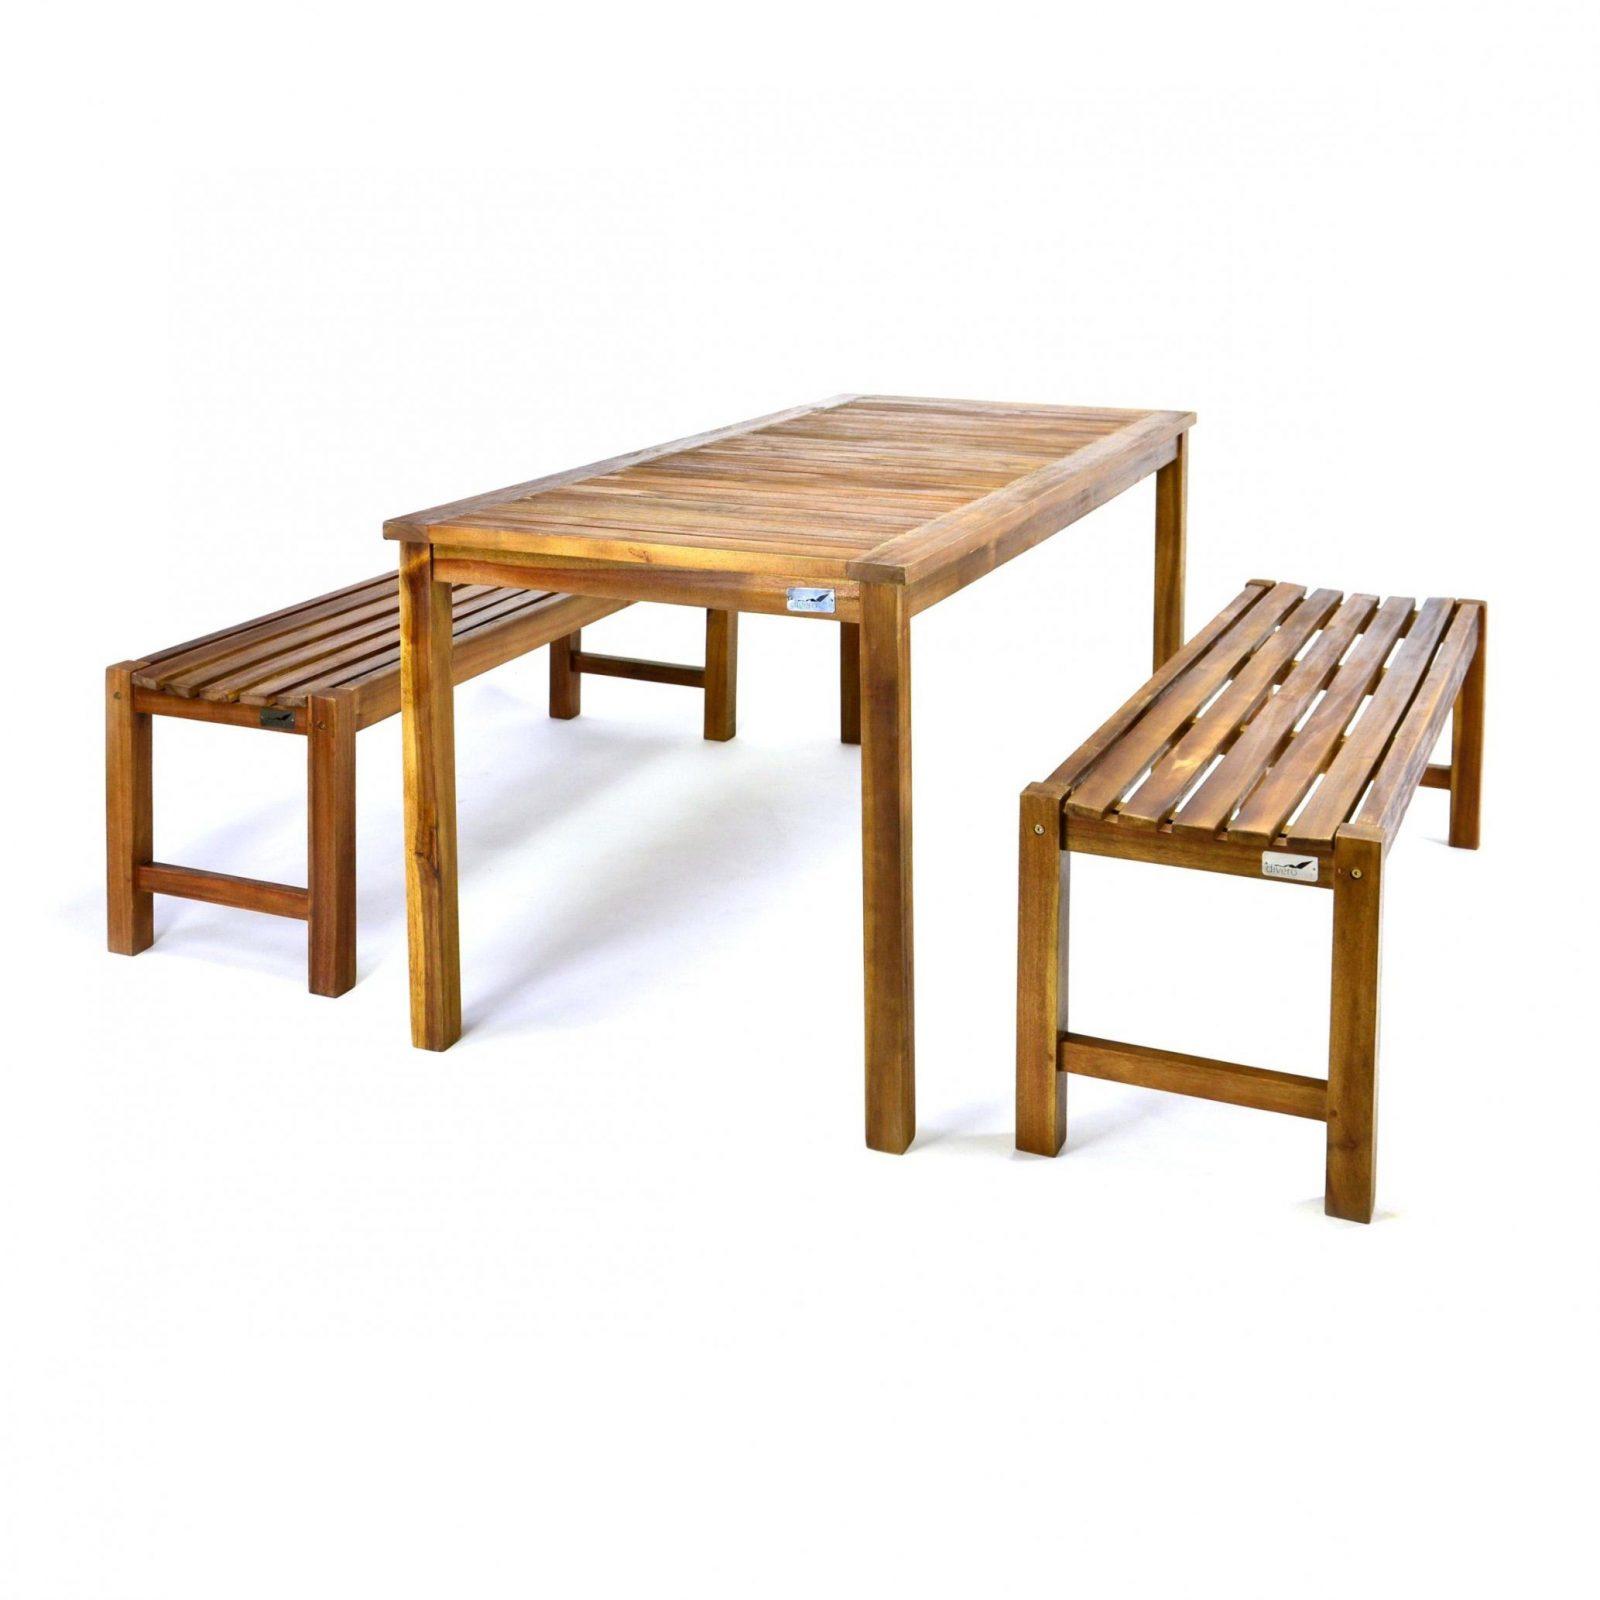 Inspirierend Tisch Und Bank Kombination Selber Bauen Fur Kleinkinder von Tisch Bank Kombination Bauanleitung Bild